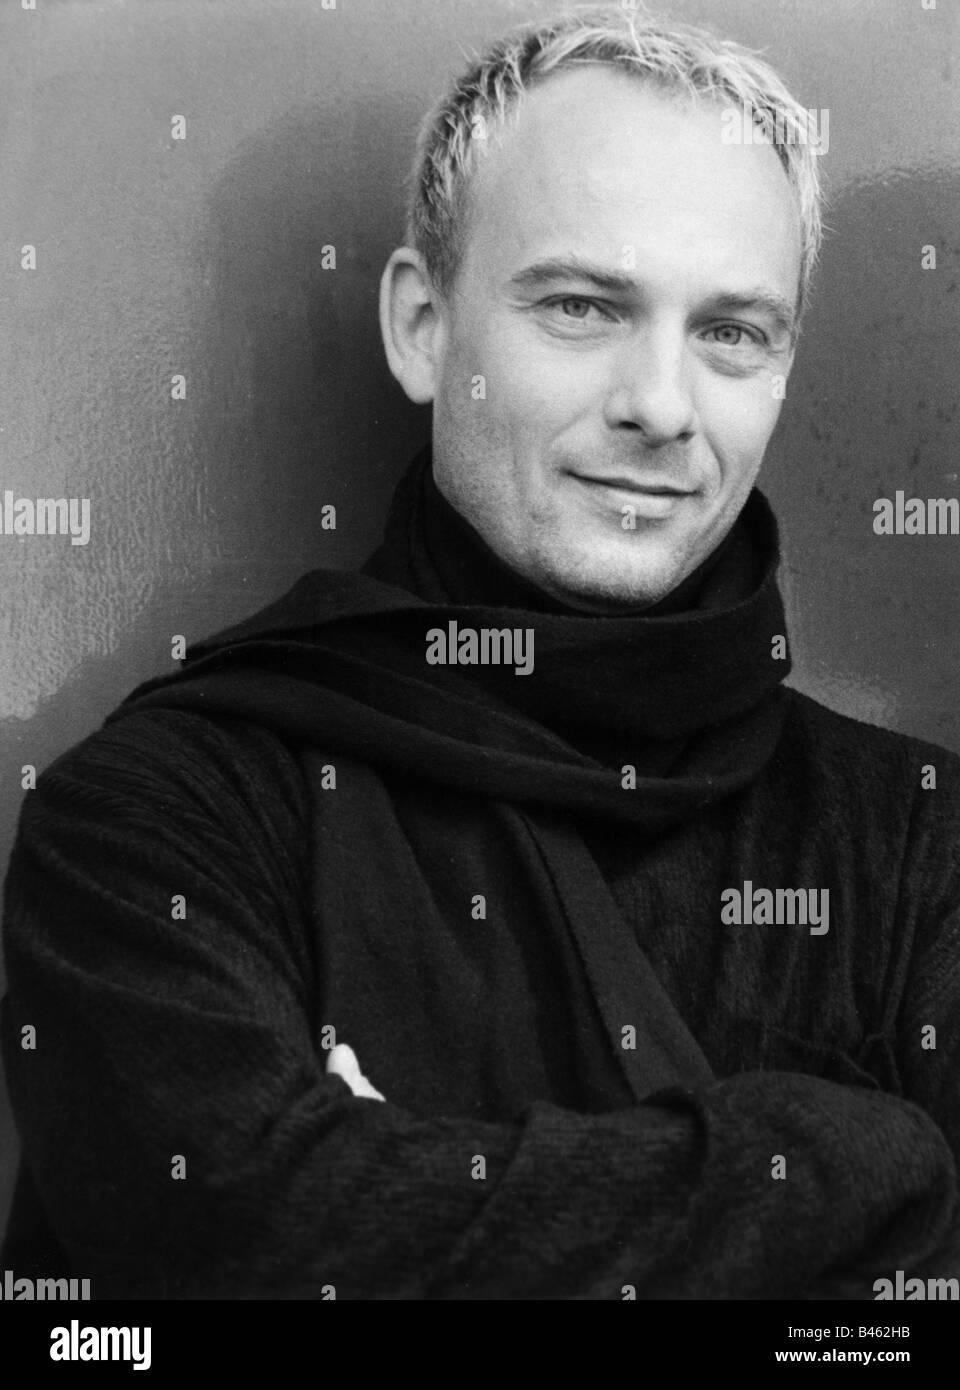 Fessler, Peter, músico alemán (cantante), retrato, foto llamada, Stuttgart, 1998, Additional-Rights-juegos Imagen De Stock